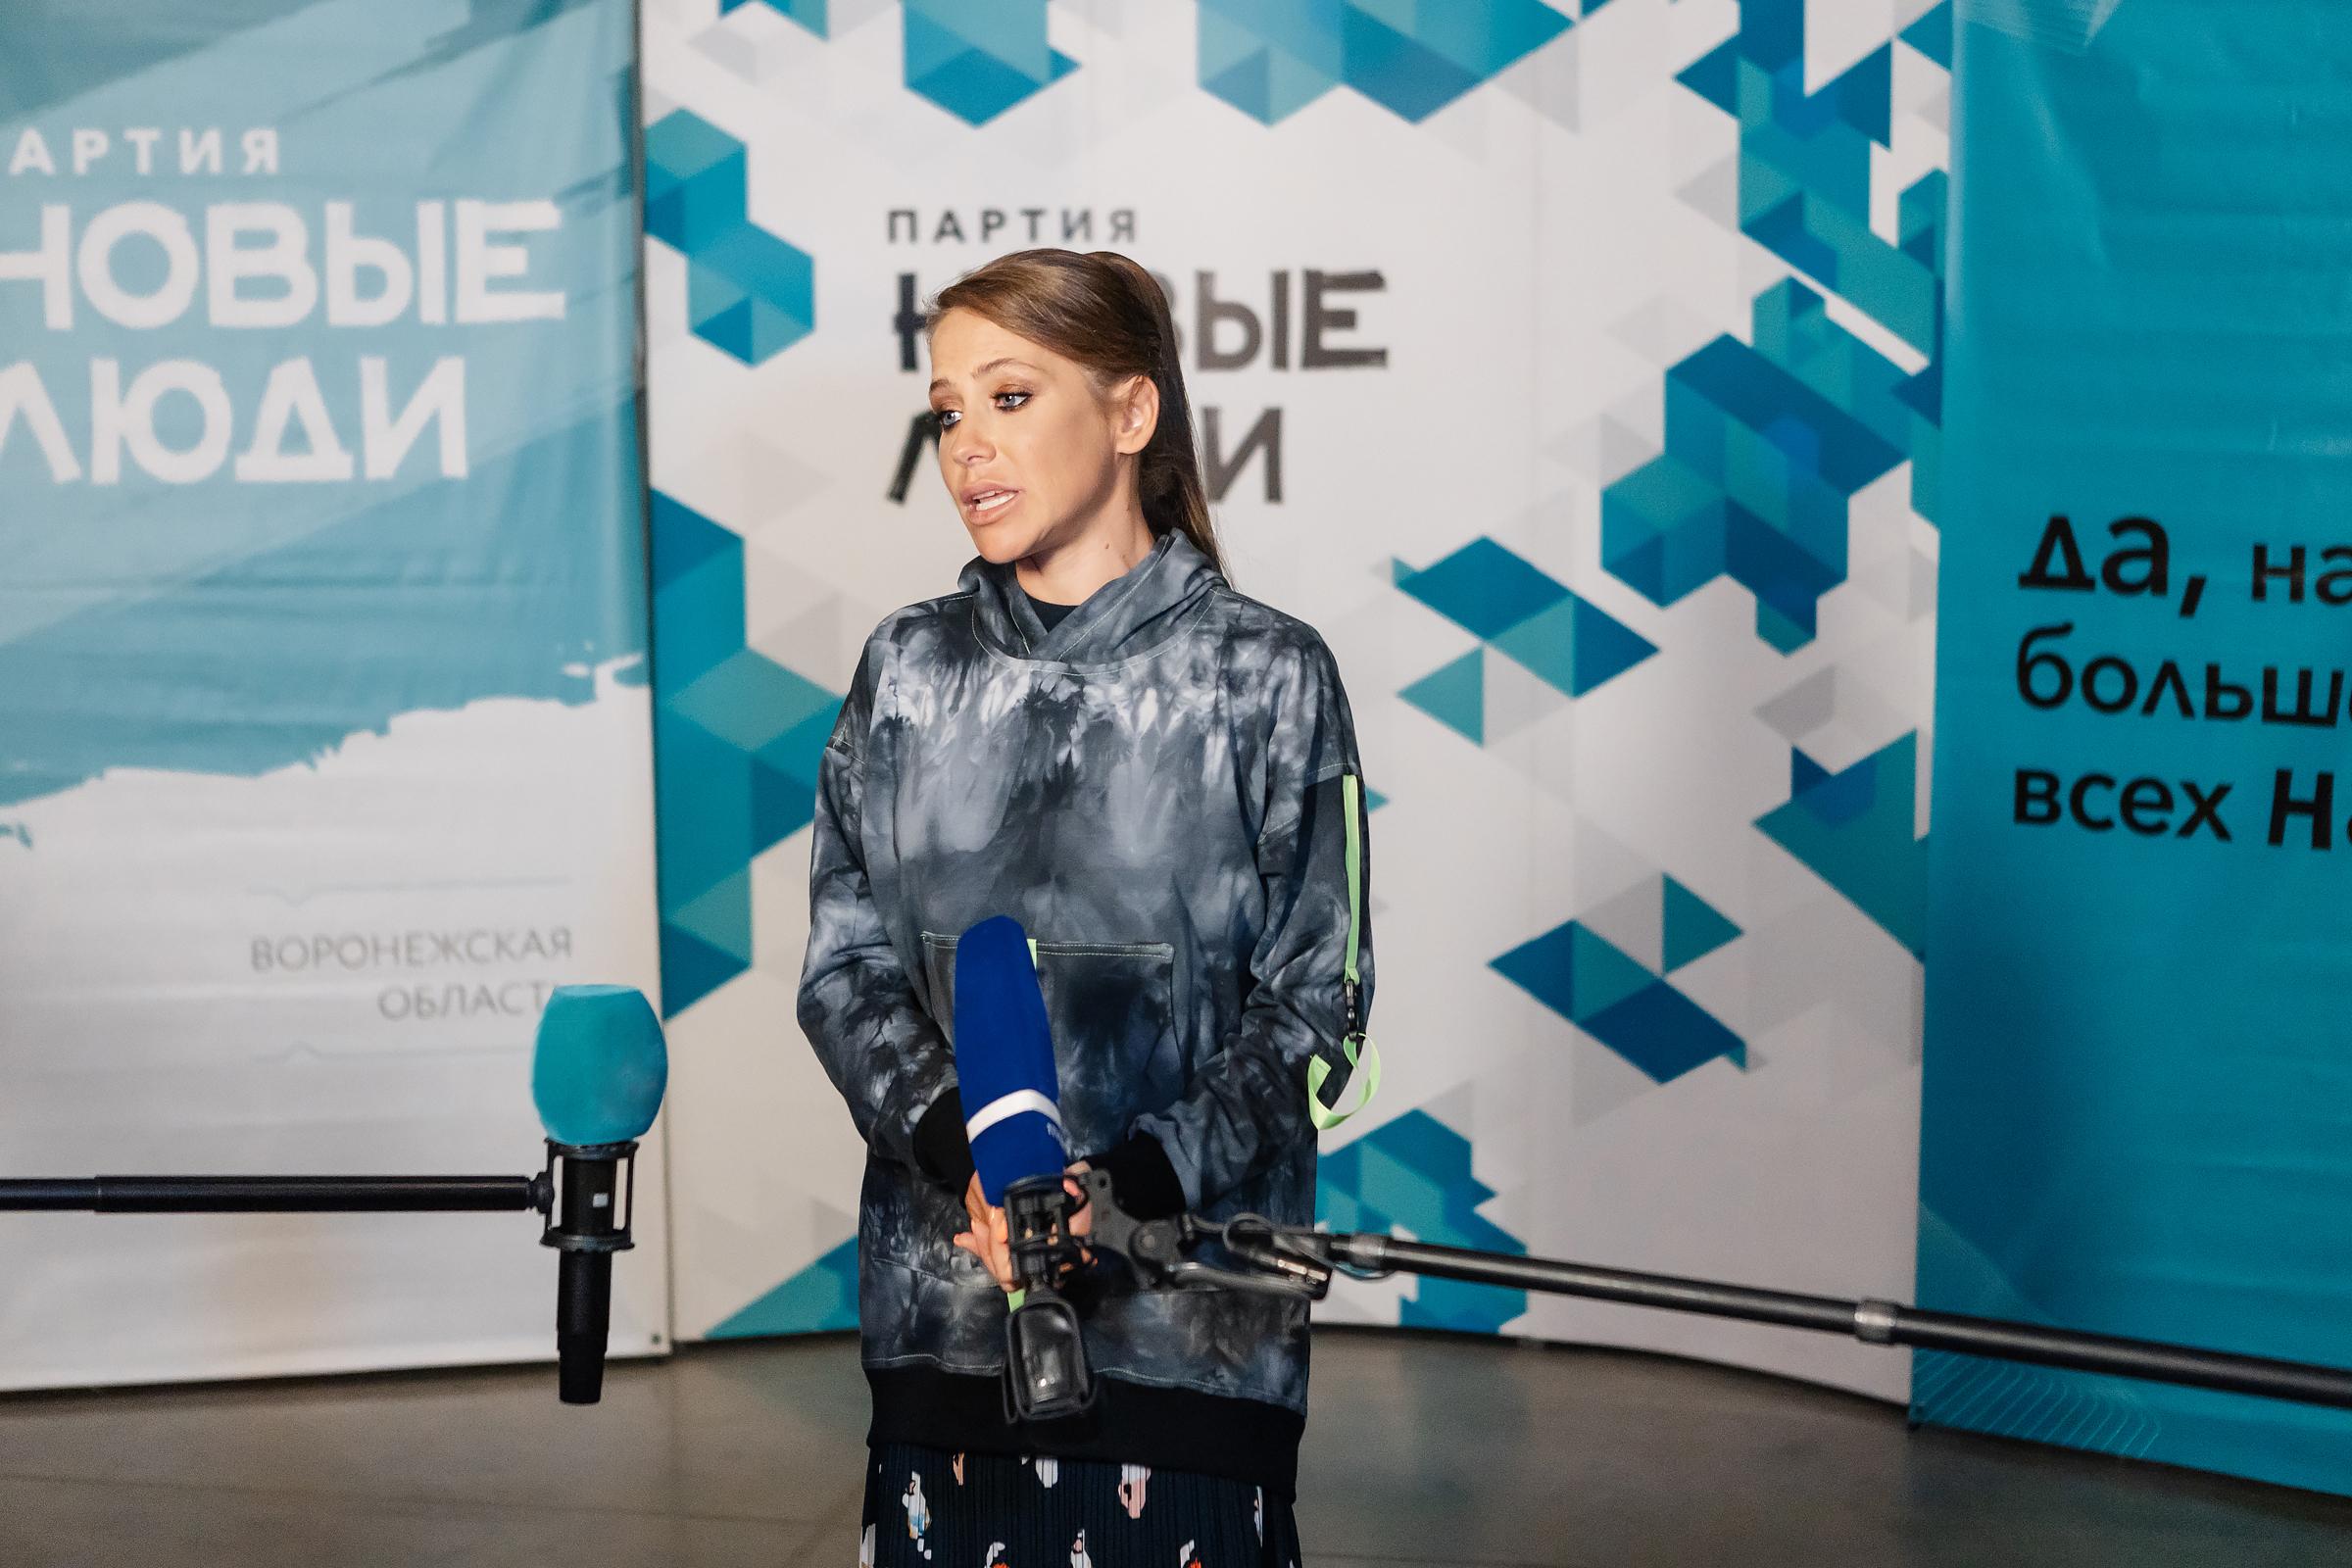 Юлия Барановская, телеведущая